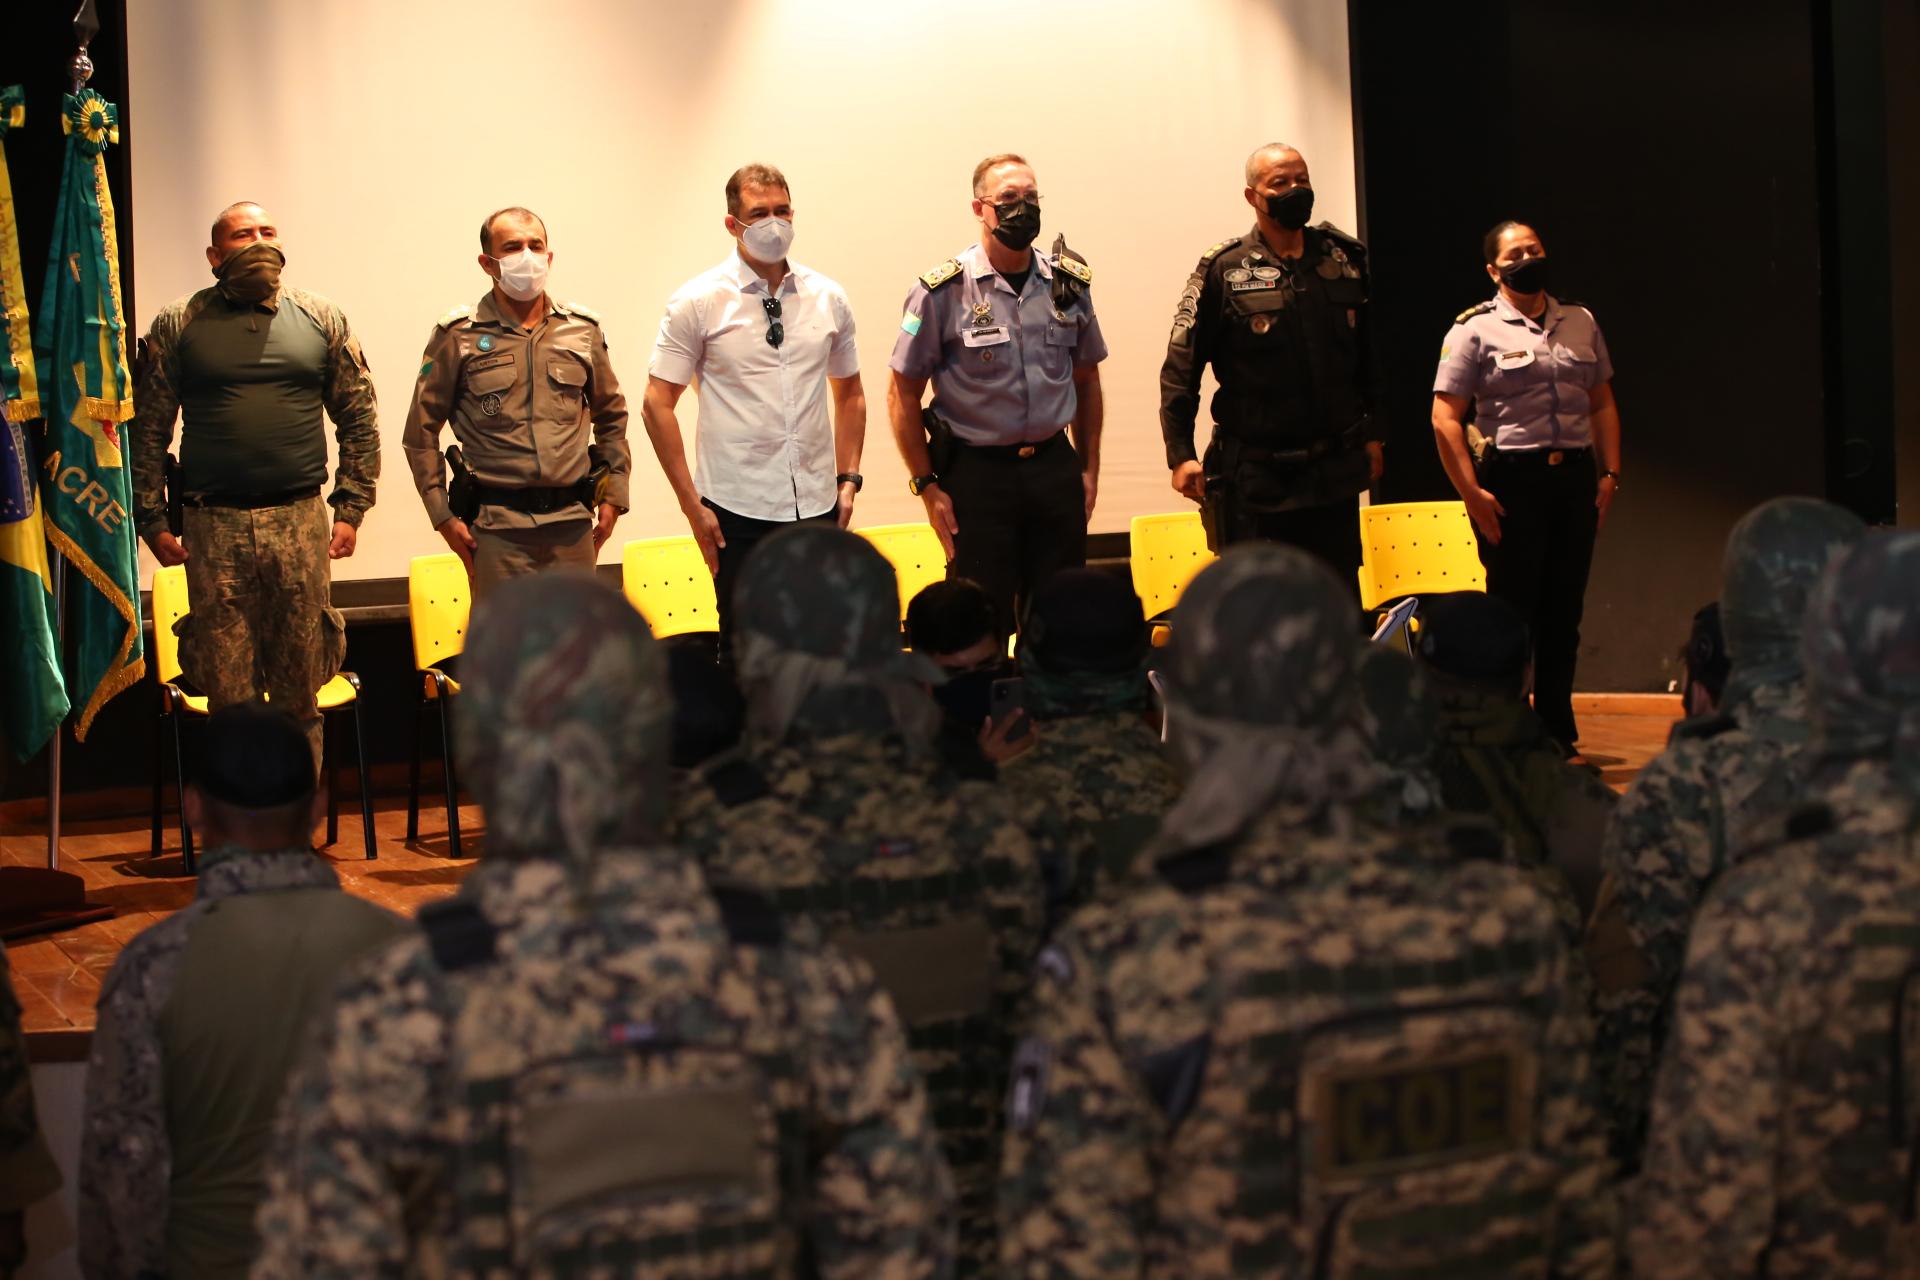 Estado oferta curso de patrulhamento em ambiente rural para a Polícia Militar